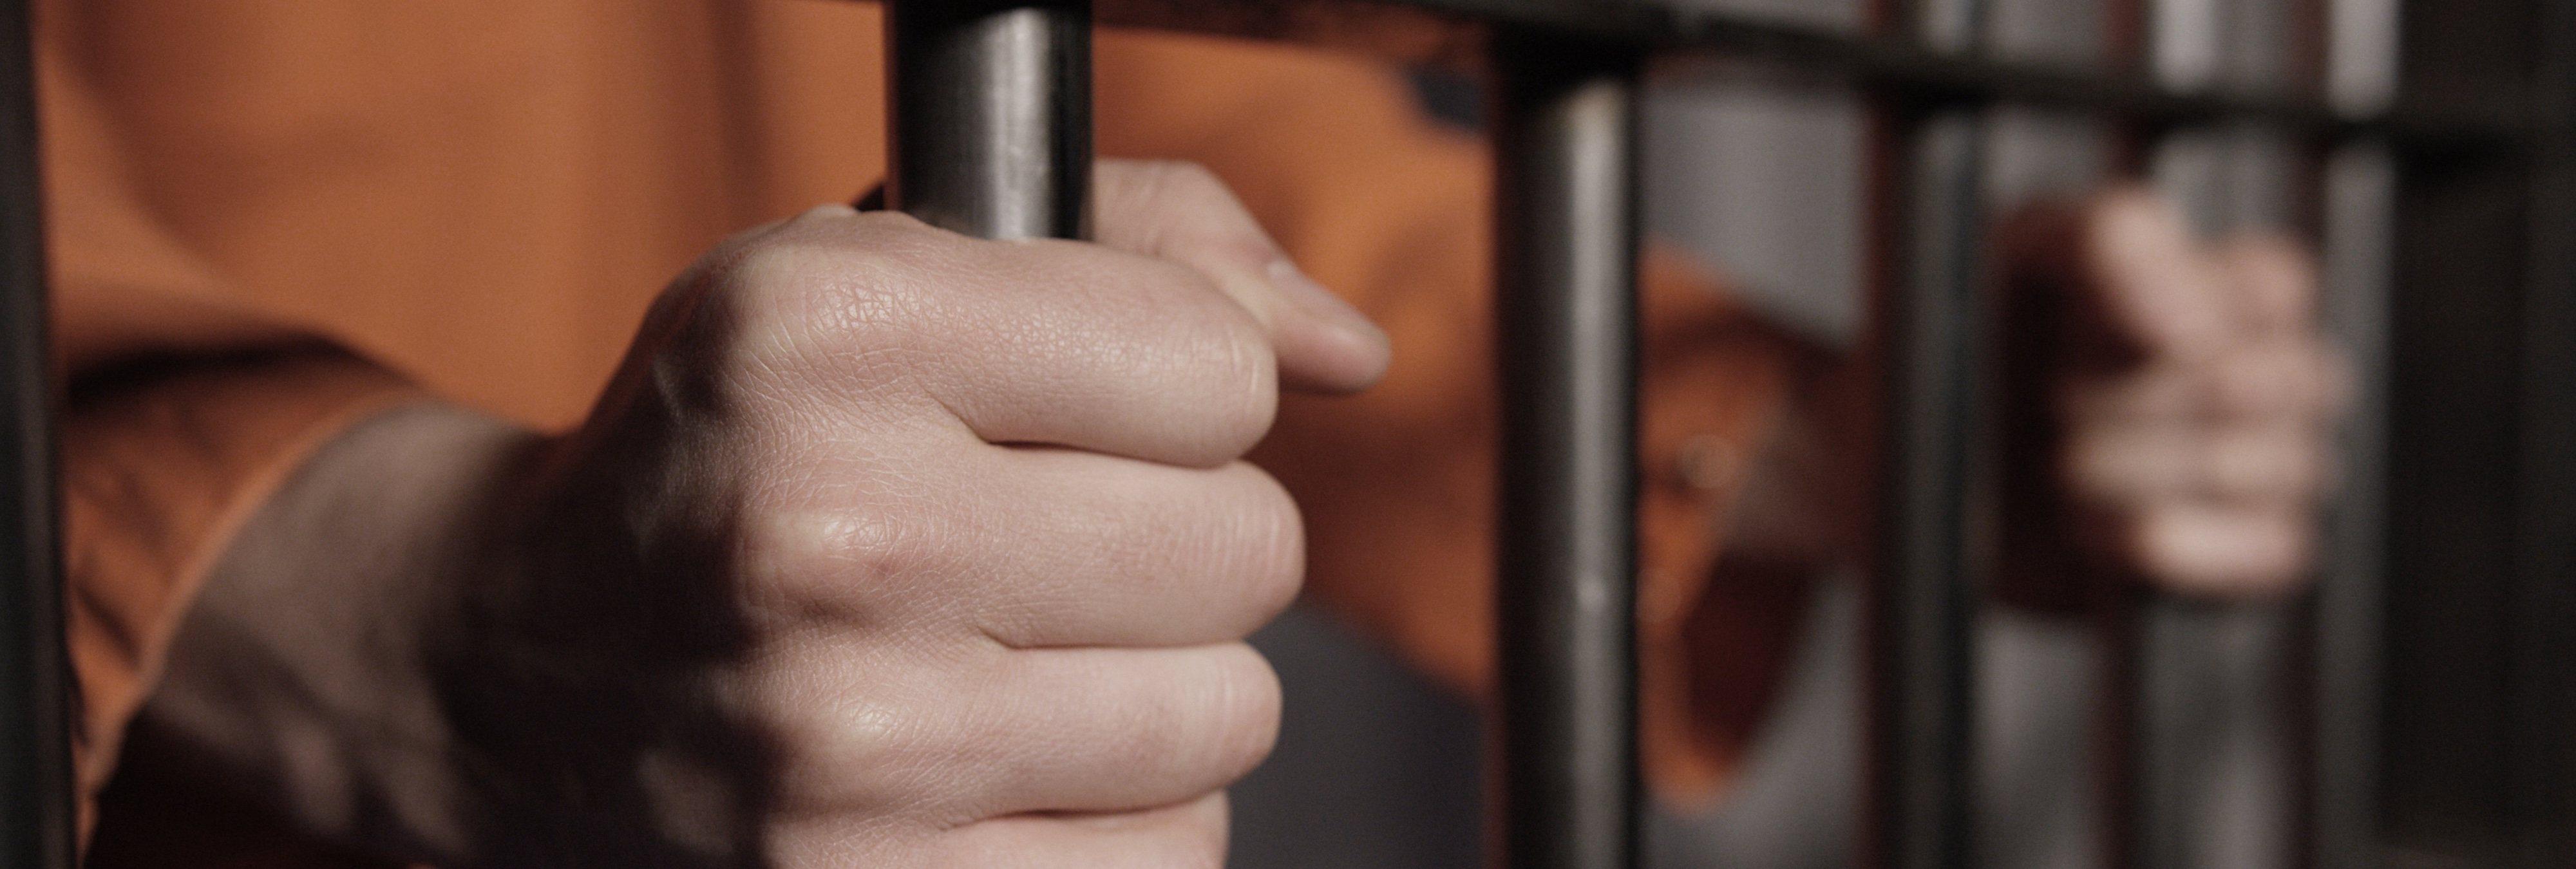 Condenado a prisión y 178.000 euros en Málaga tras salvar a una mujer de una paliza